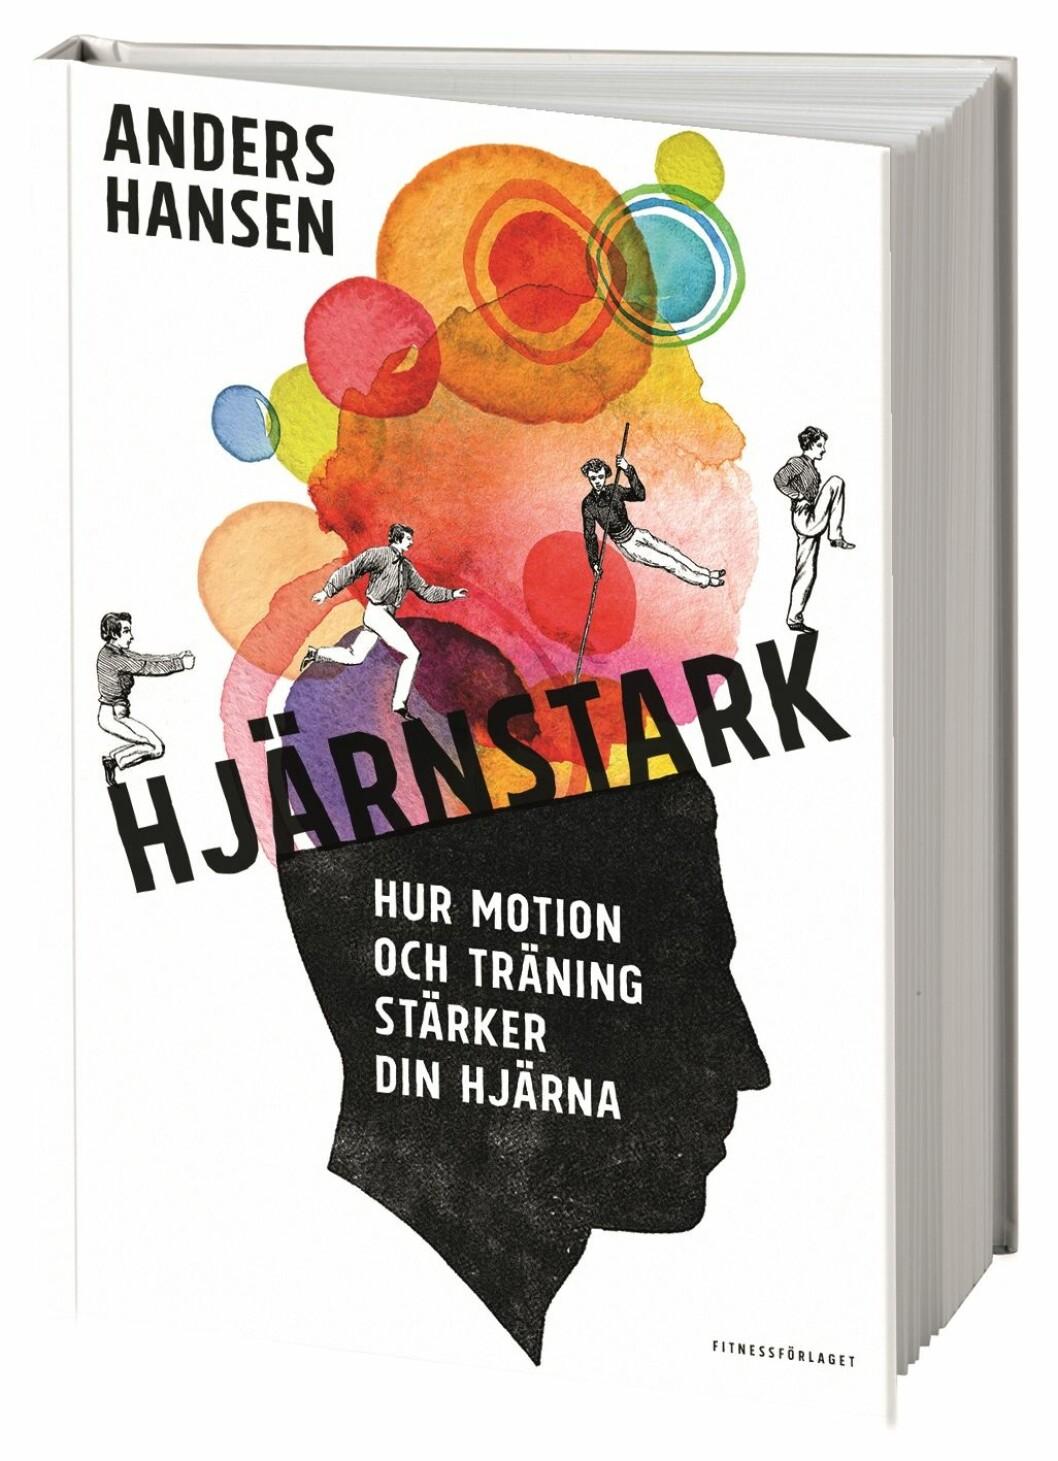 Boken Hjärnstark av Anders Hansen.